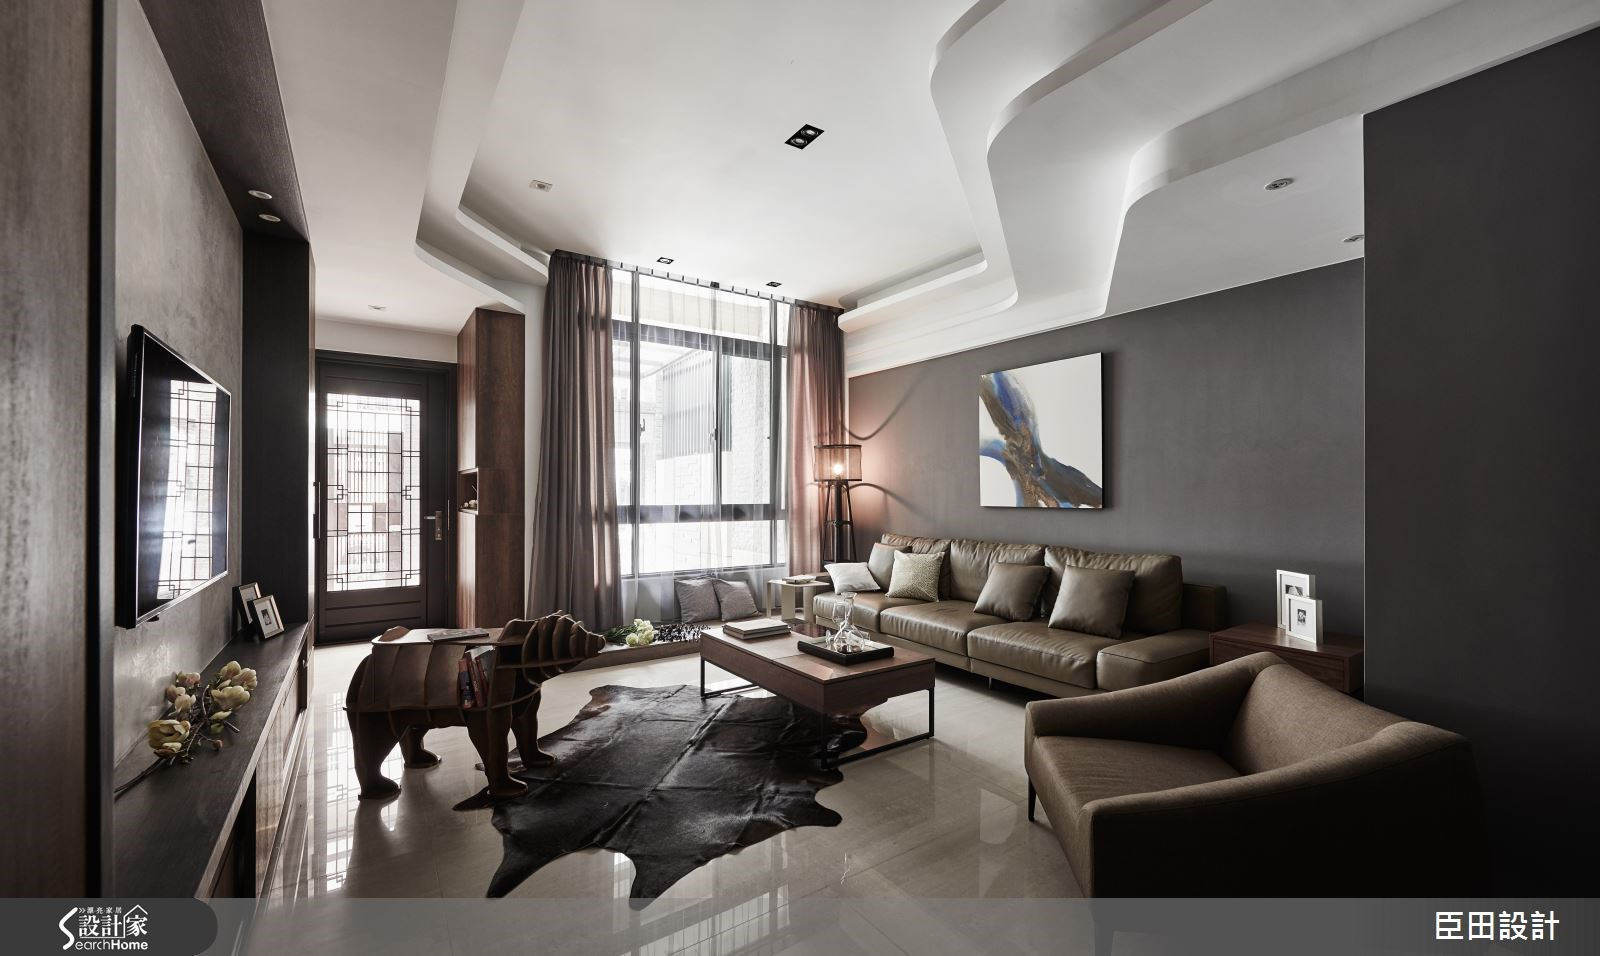 時尚流動構線 打造 30 坪完美藝文居宅計畫